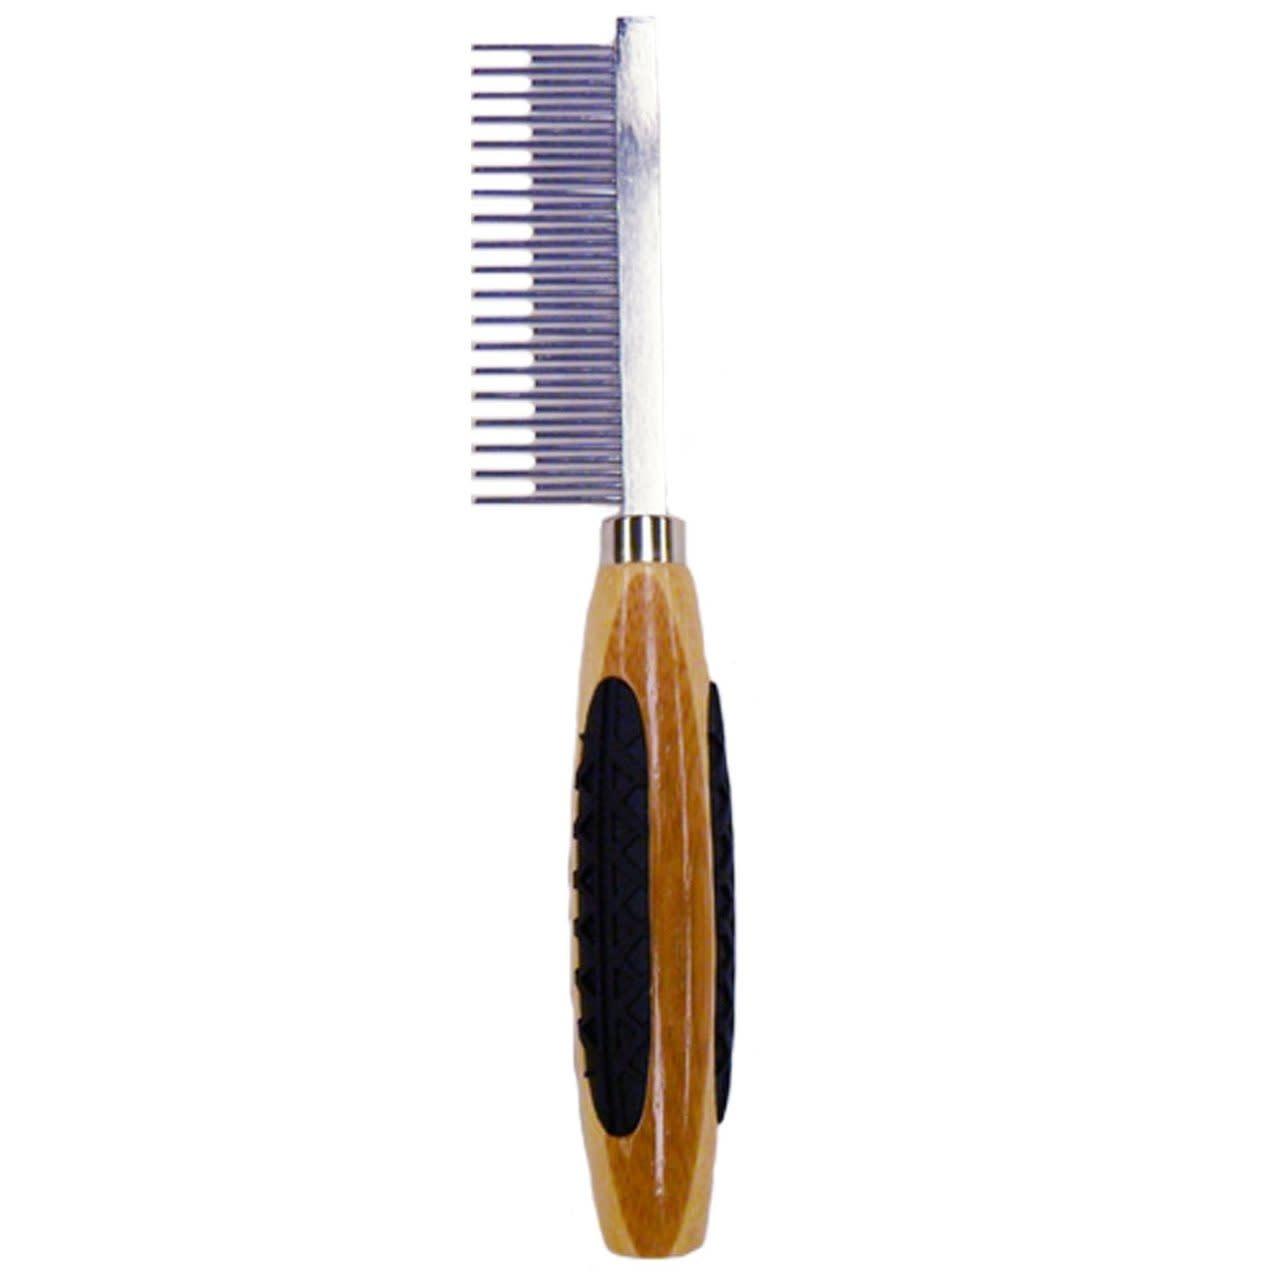 Bass Brushes Bass Alternating Short/ Long Tooth Metal Pet Comb